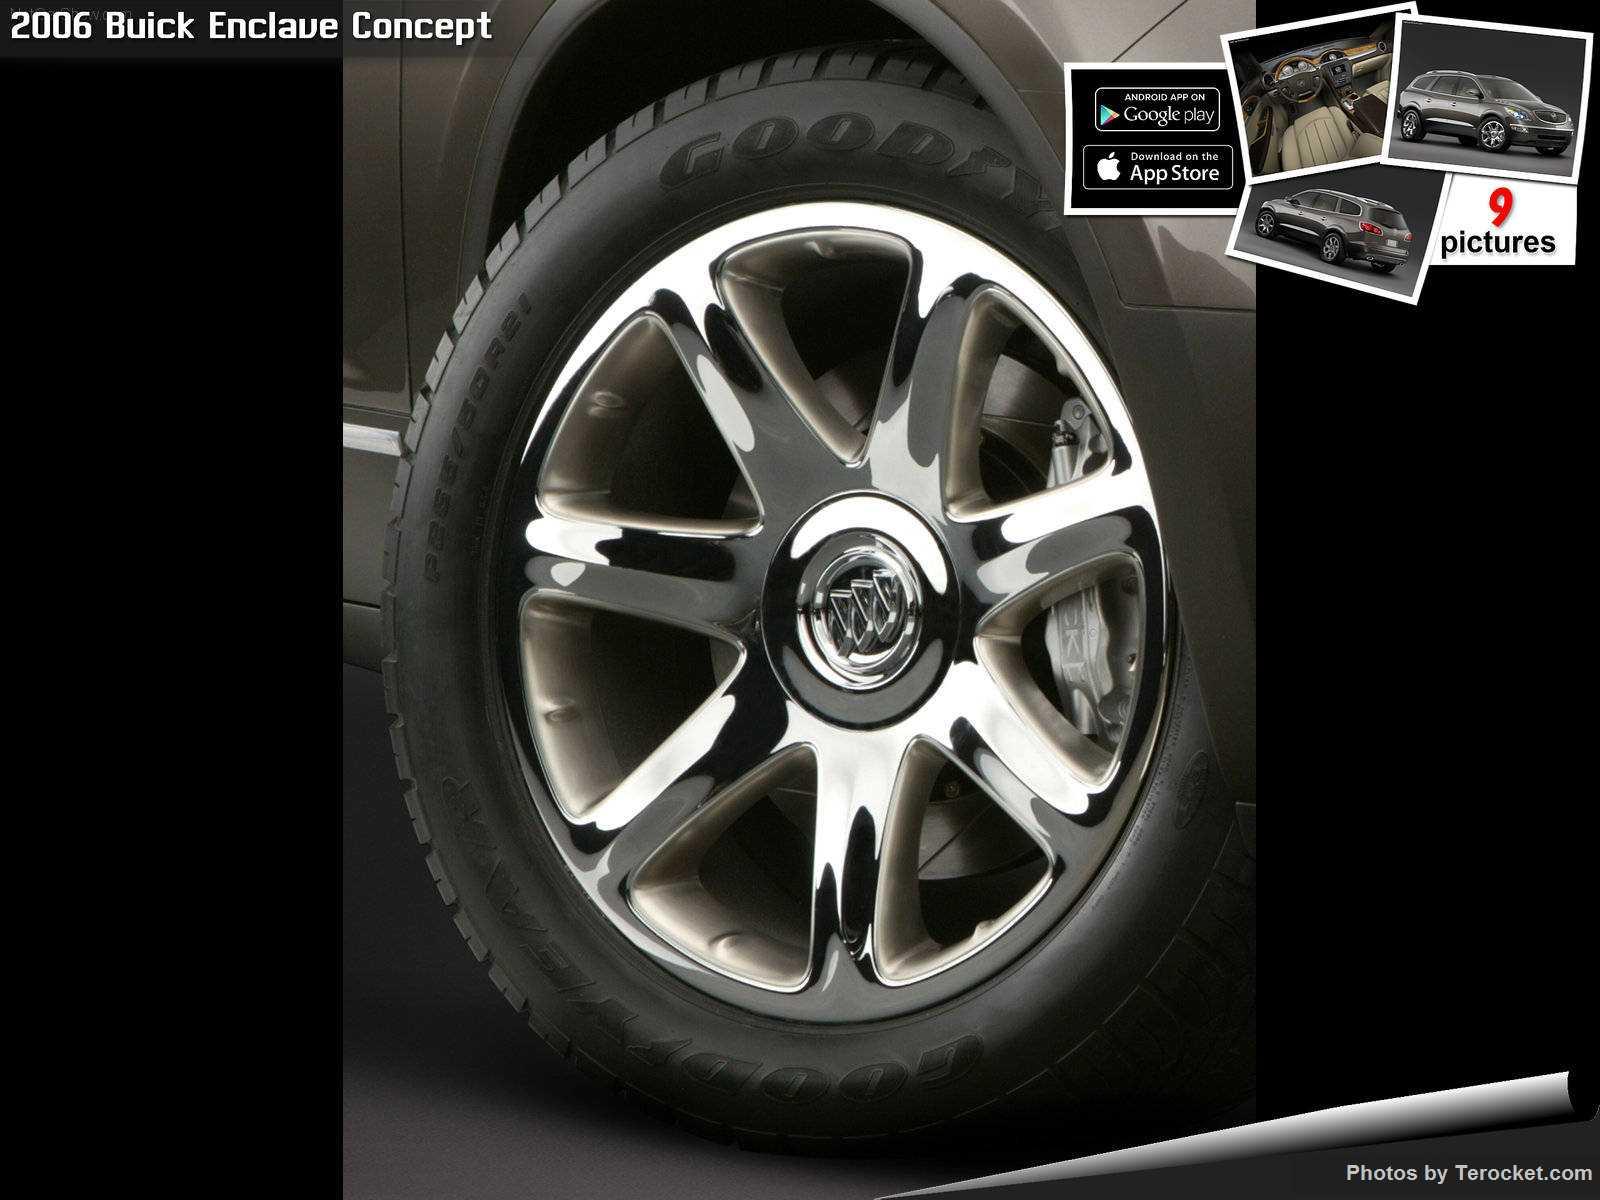 Hình ảnh xe ô tô Buick Enclave Concept 2006 & nội ngoại thất